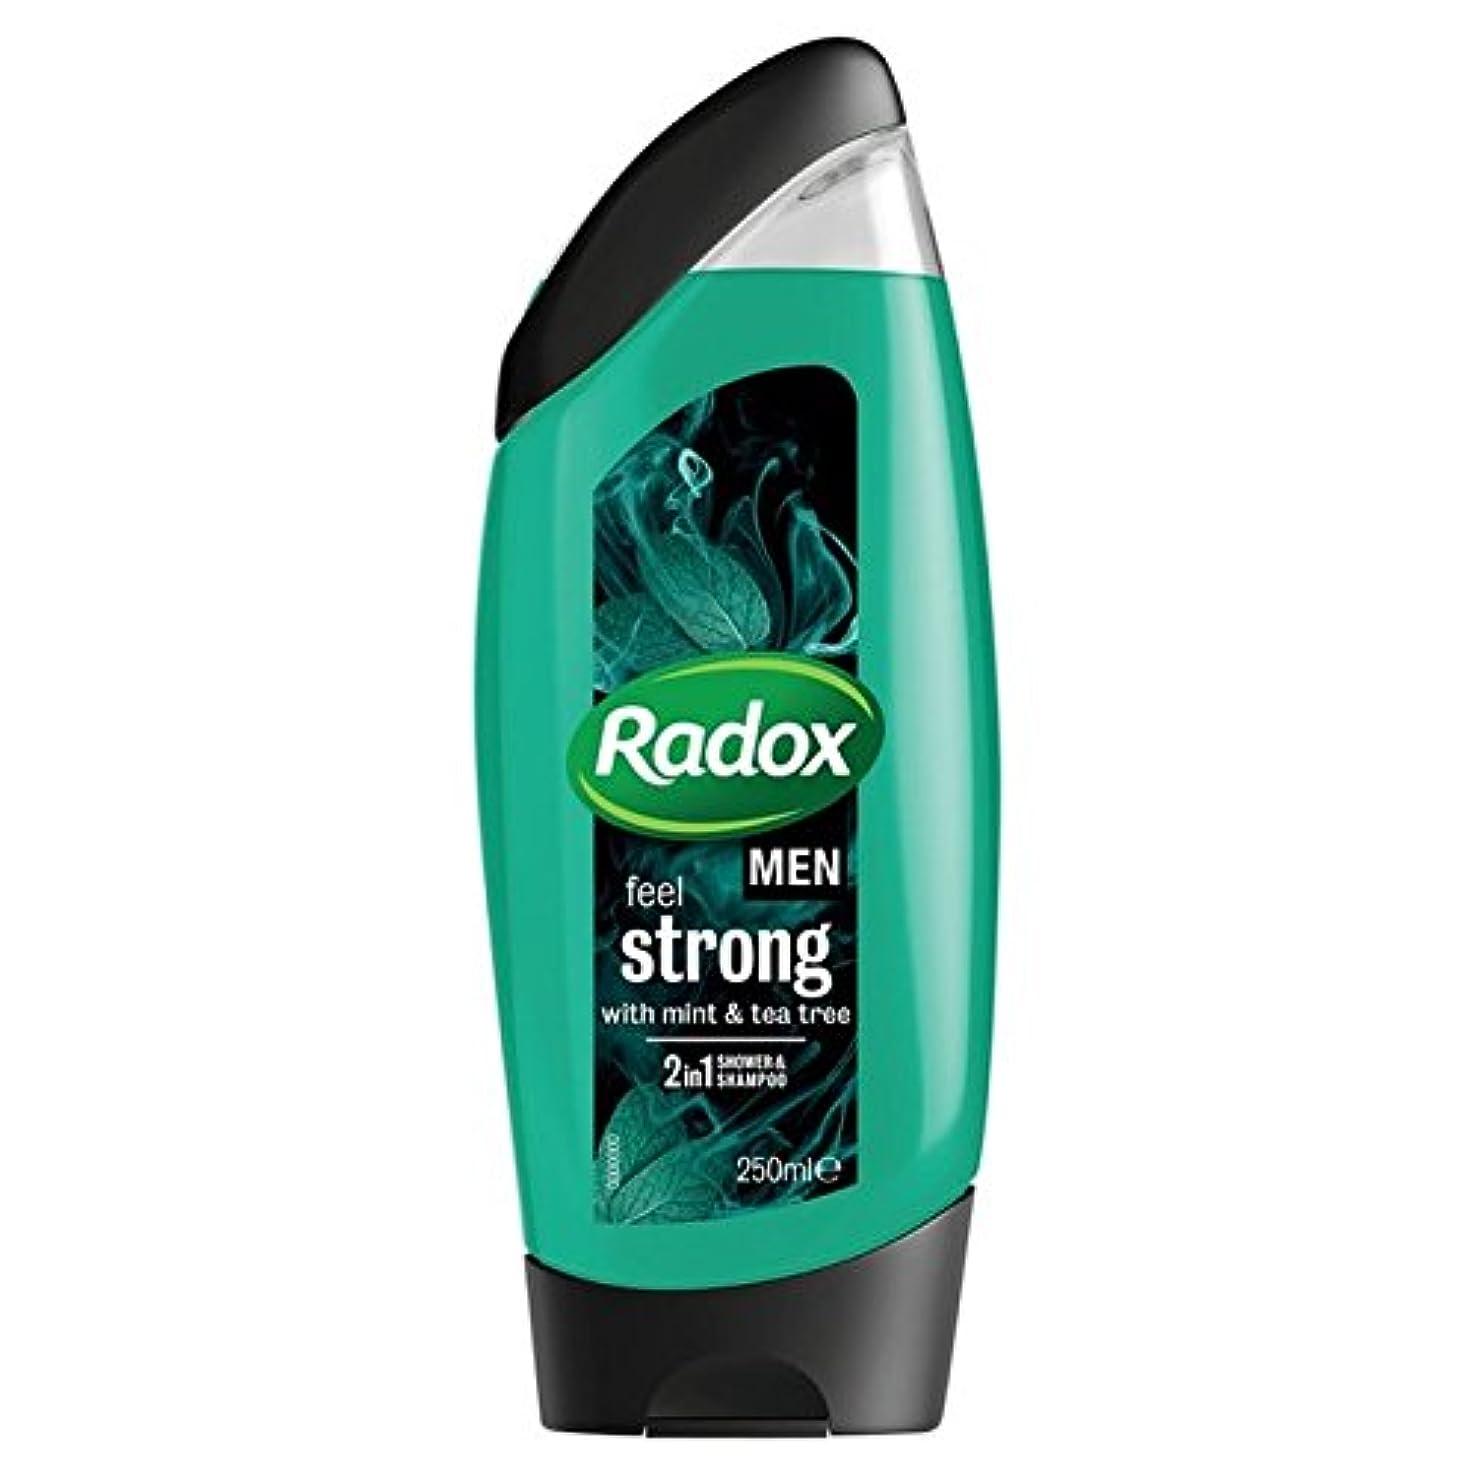 プレビスサイト義務付けられた医療過誤Radox Men Feel Strong Mint & Tea Tree 2in1 Shower Gel 250ml - 男性は、強力なミント&ティーツリーの21のシャワージェル250ミリリットルを感じます [並行輸入品]